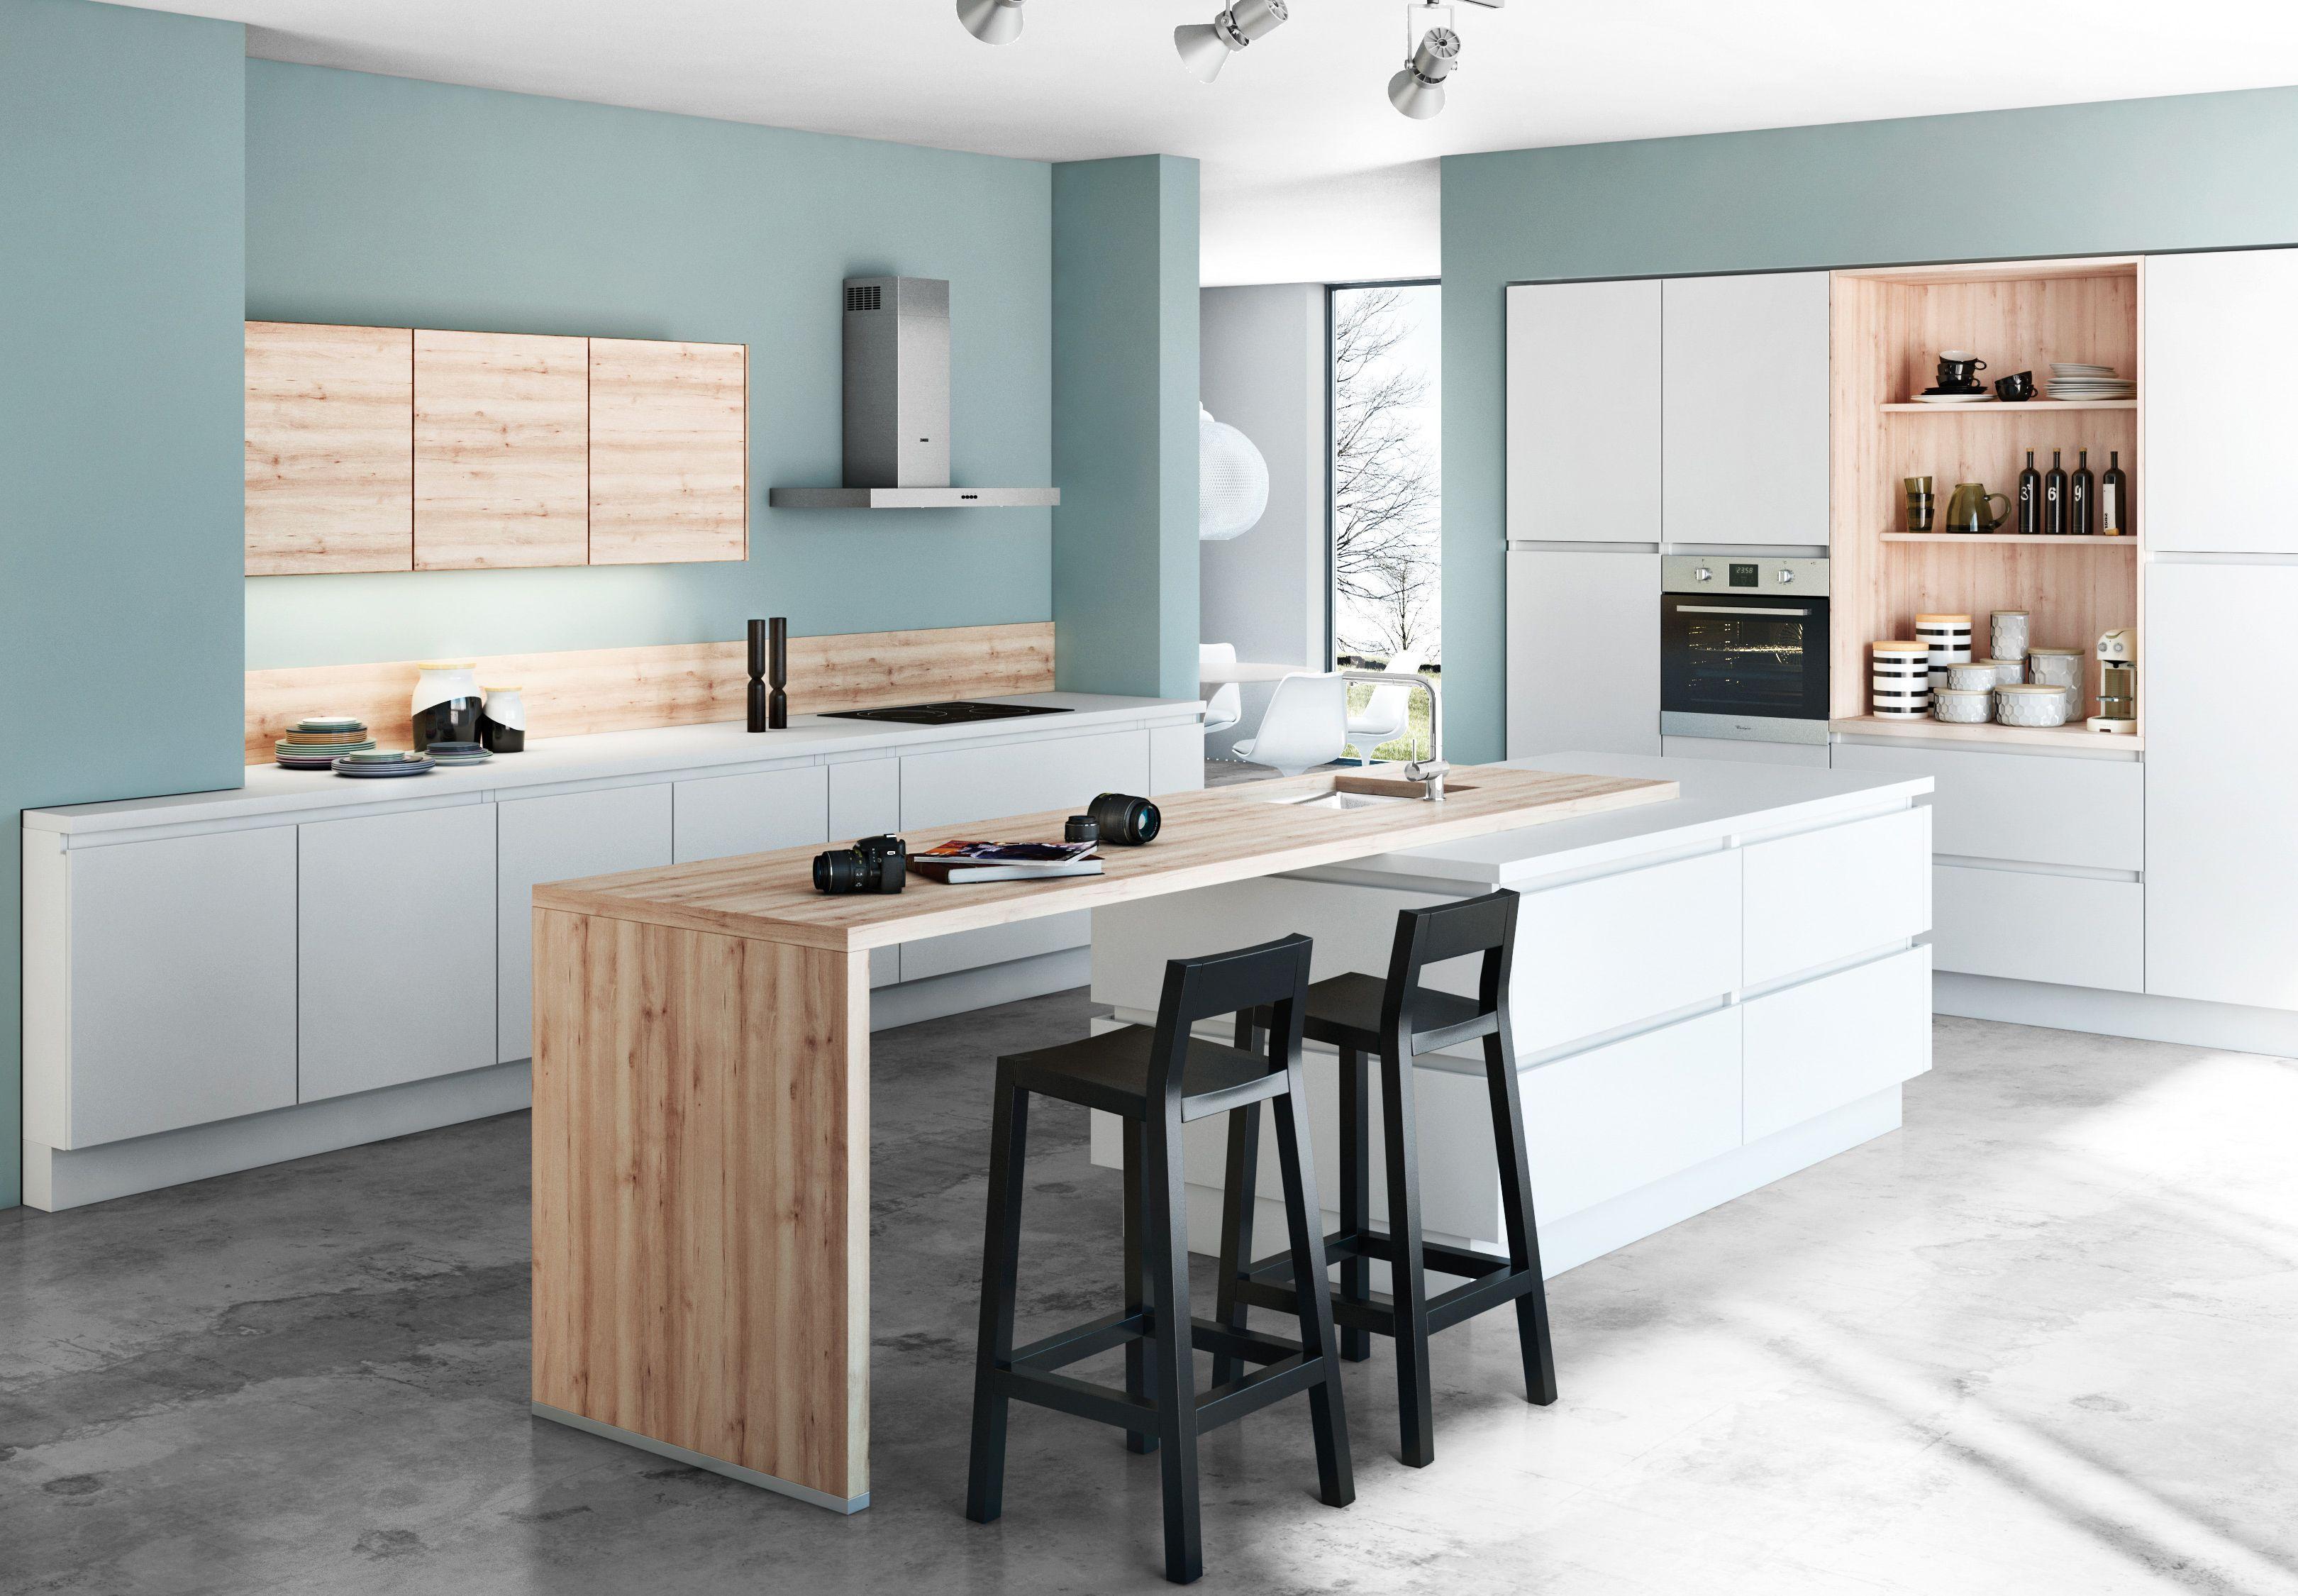 Cuisine Blanche Et Bleu très belle cuisine blanche et bois aux touches de bleu gris